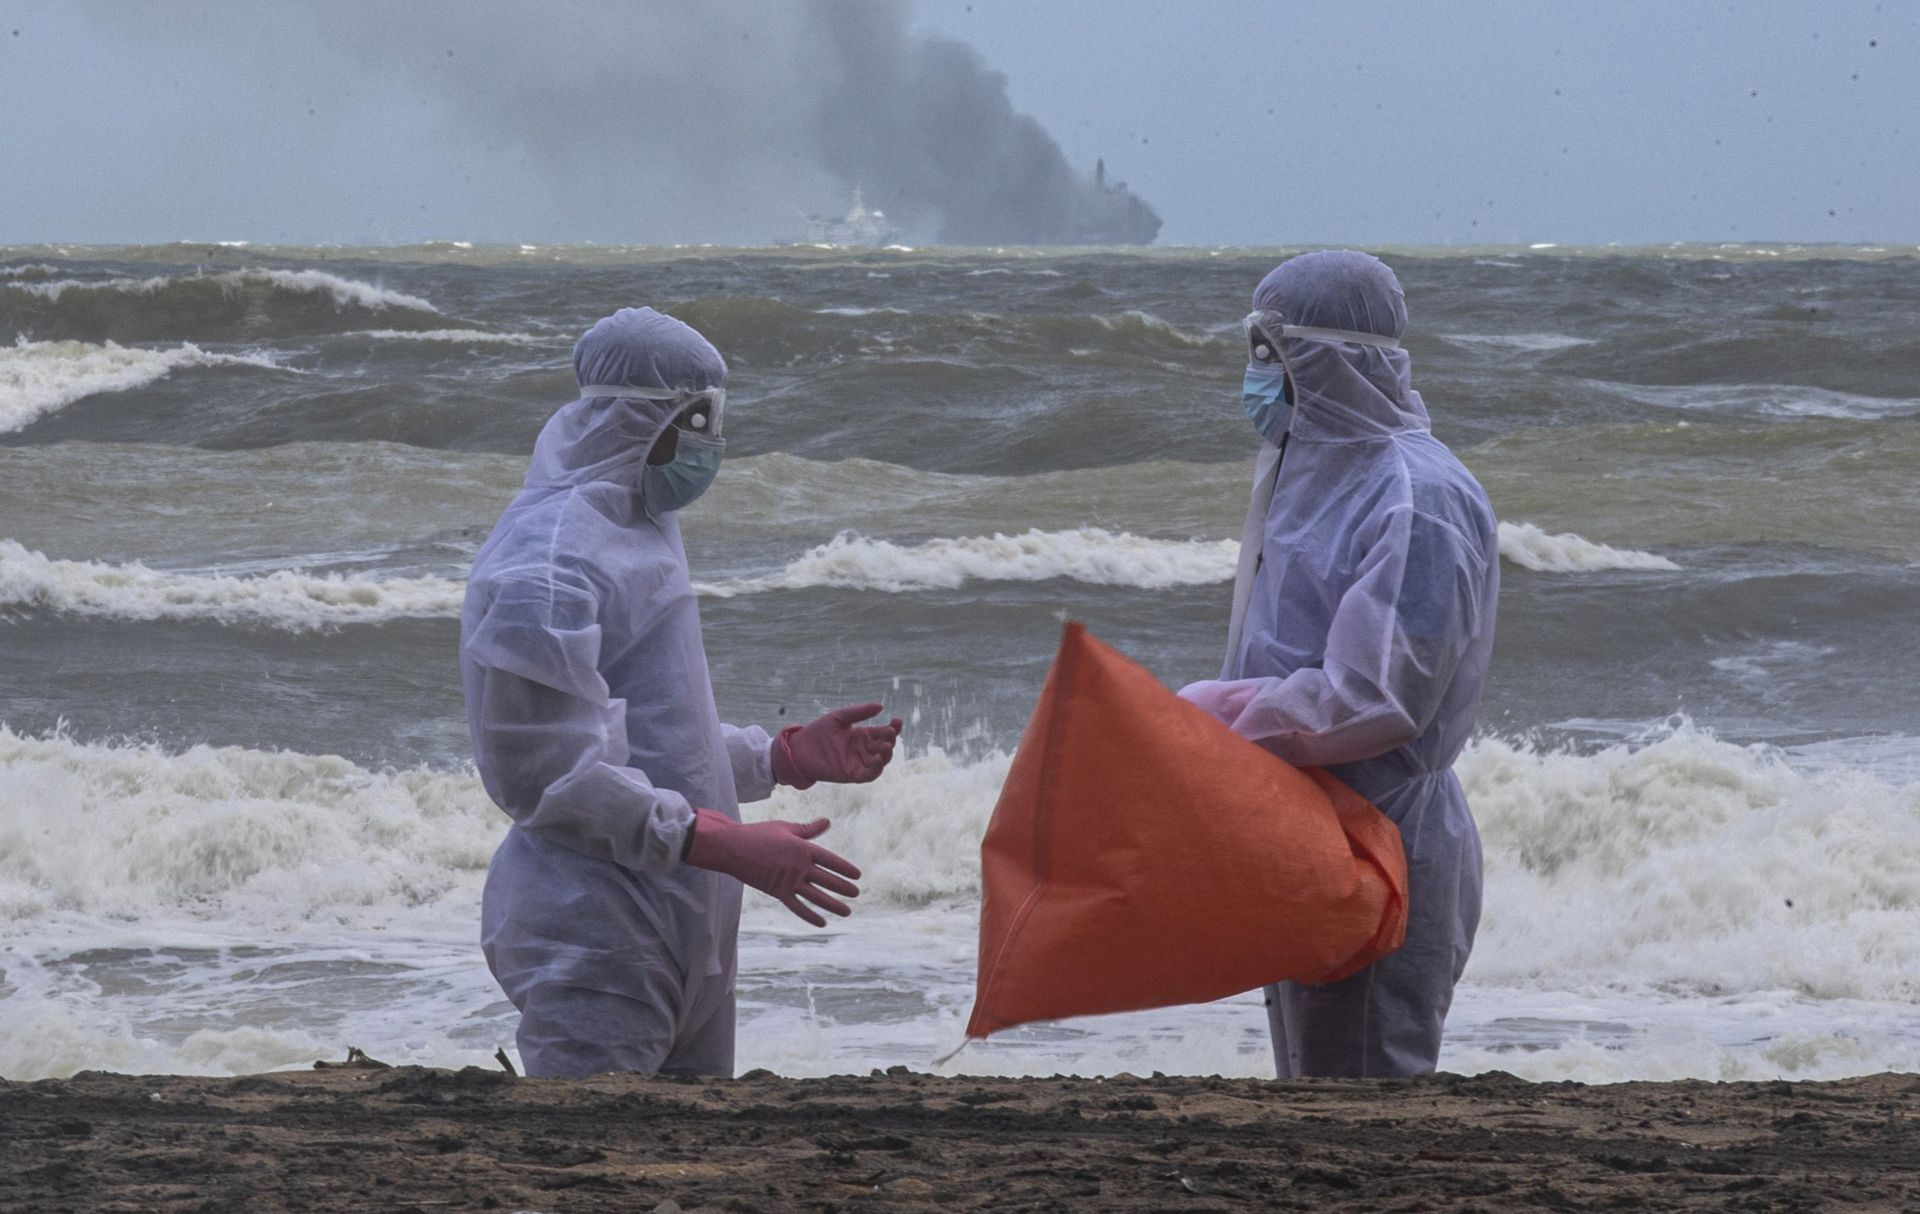 Soldados de la Armada de Sri Lanka vestidos con trajes protectores conversan mientras limpian los escombros arrastrados a la costa desde el barco de Singapur MV X-Press Pearl